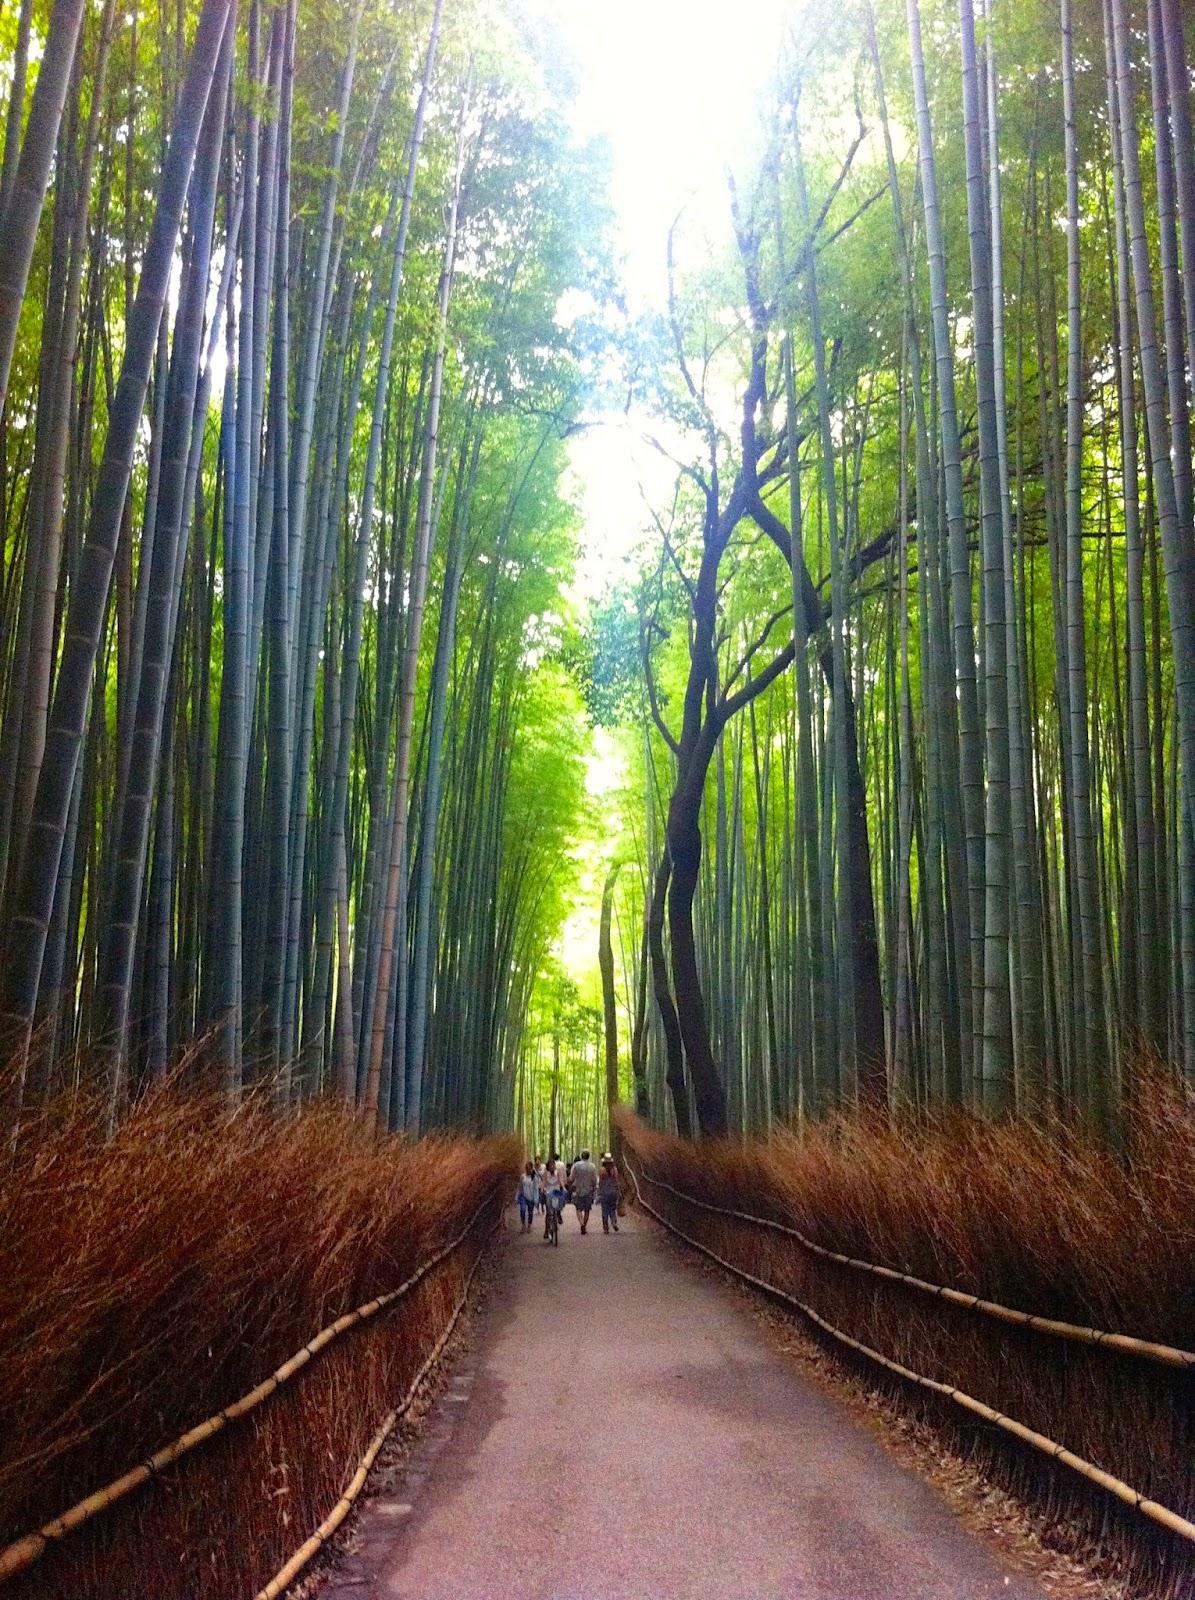 Giappone Kyoto foresta di Bambù